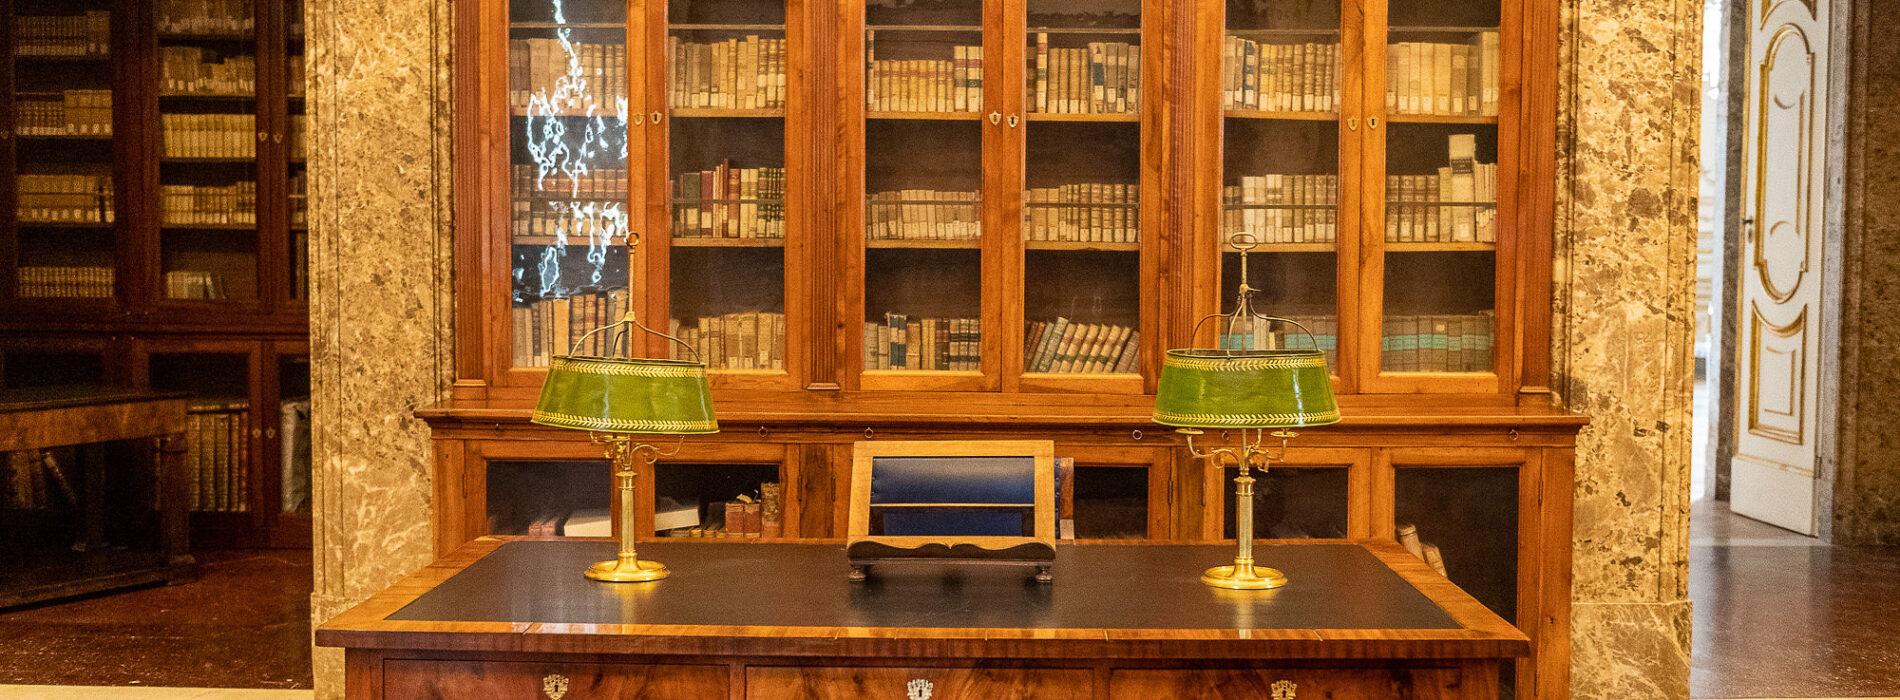 La biblioteca svelata, focus della Reggia sui libri della Regina